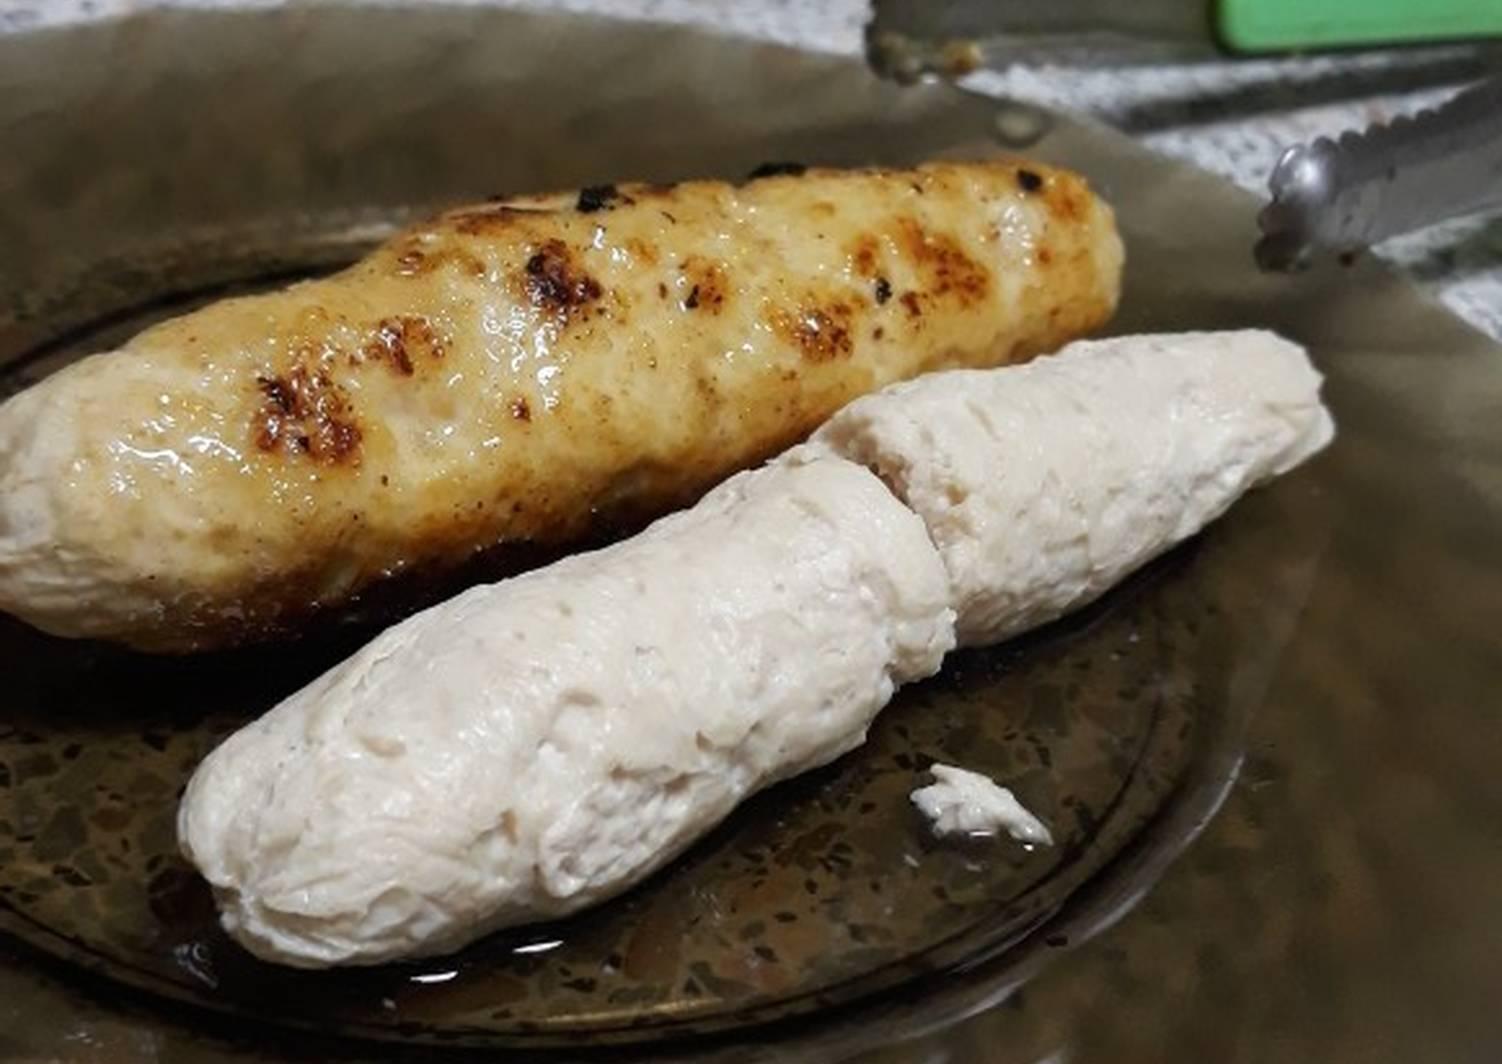 породистые так домашние куриные колбаски рецепты с фото целесообразно устанавливать чистой